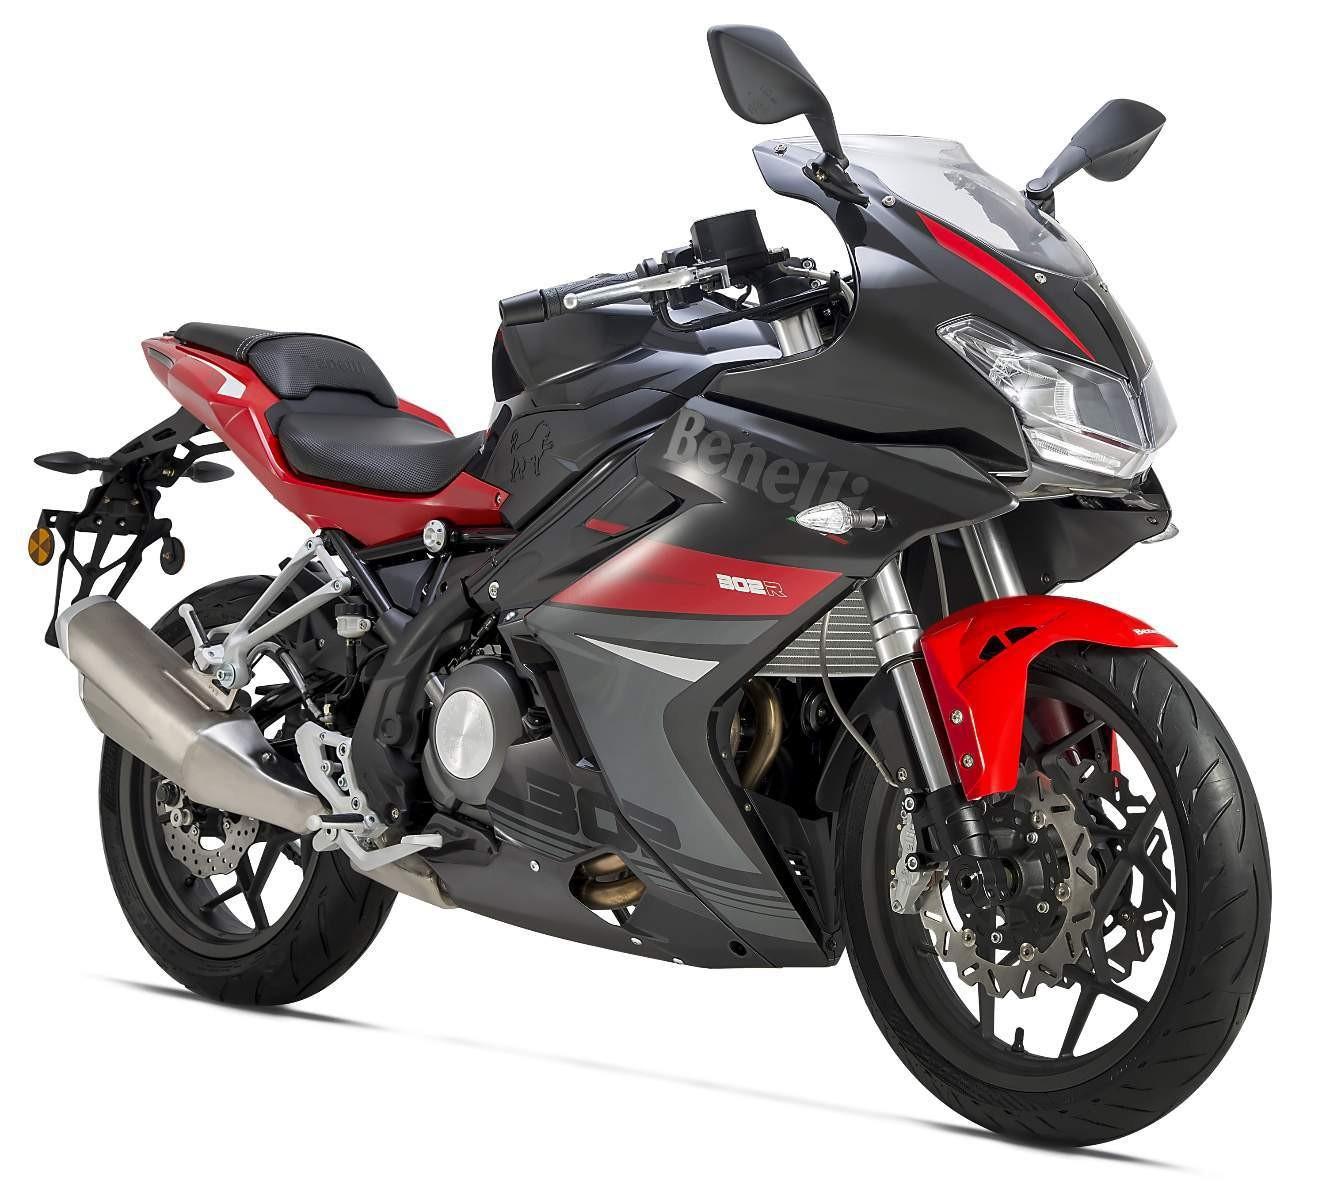 BENELLI BN 302 2019 300 cm3 | moto roadster | 234 km